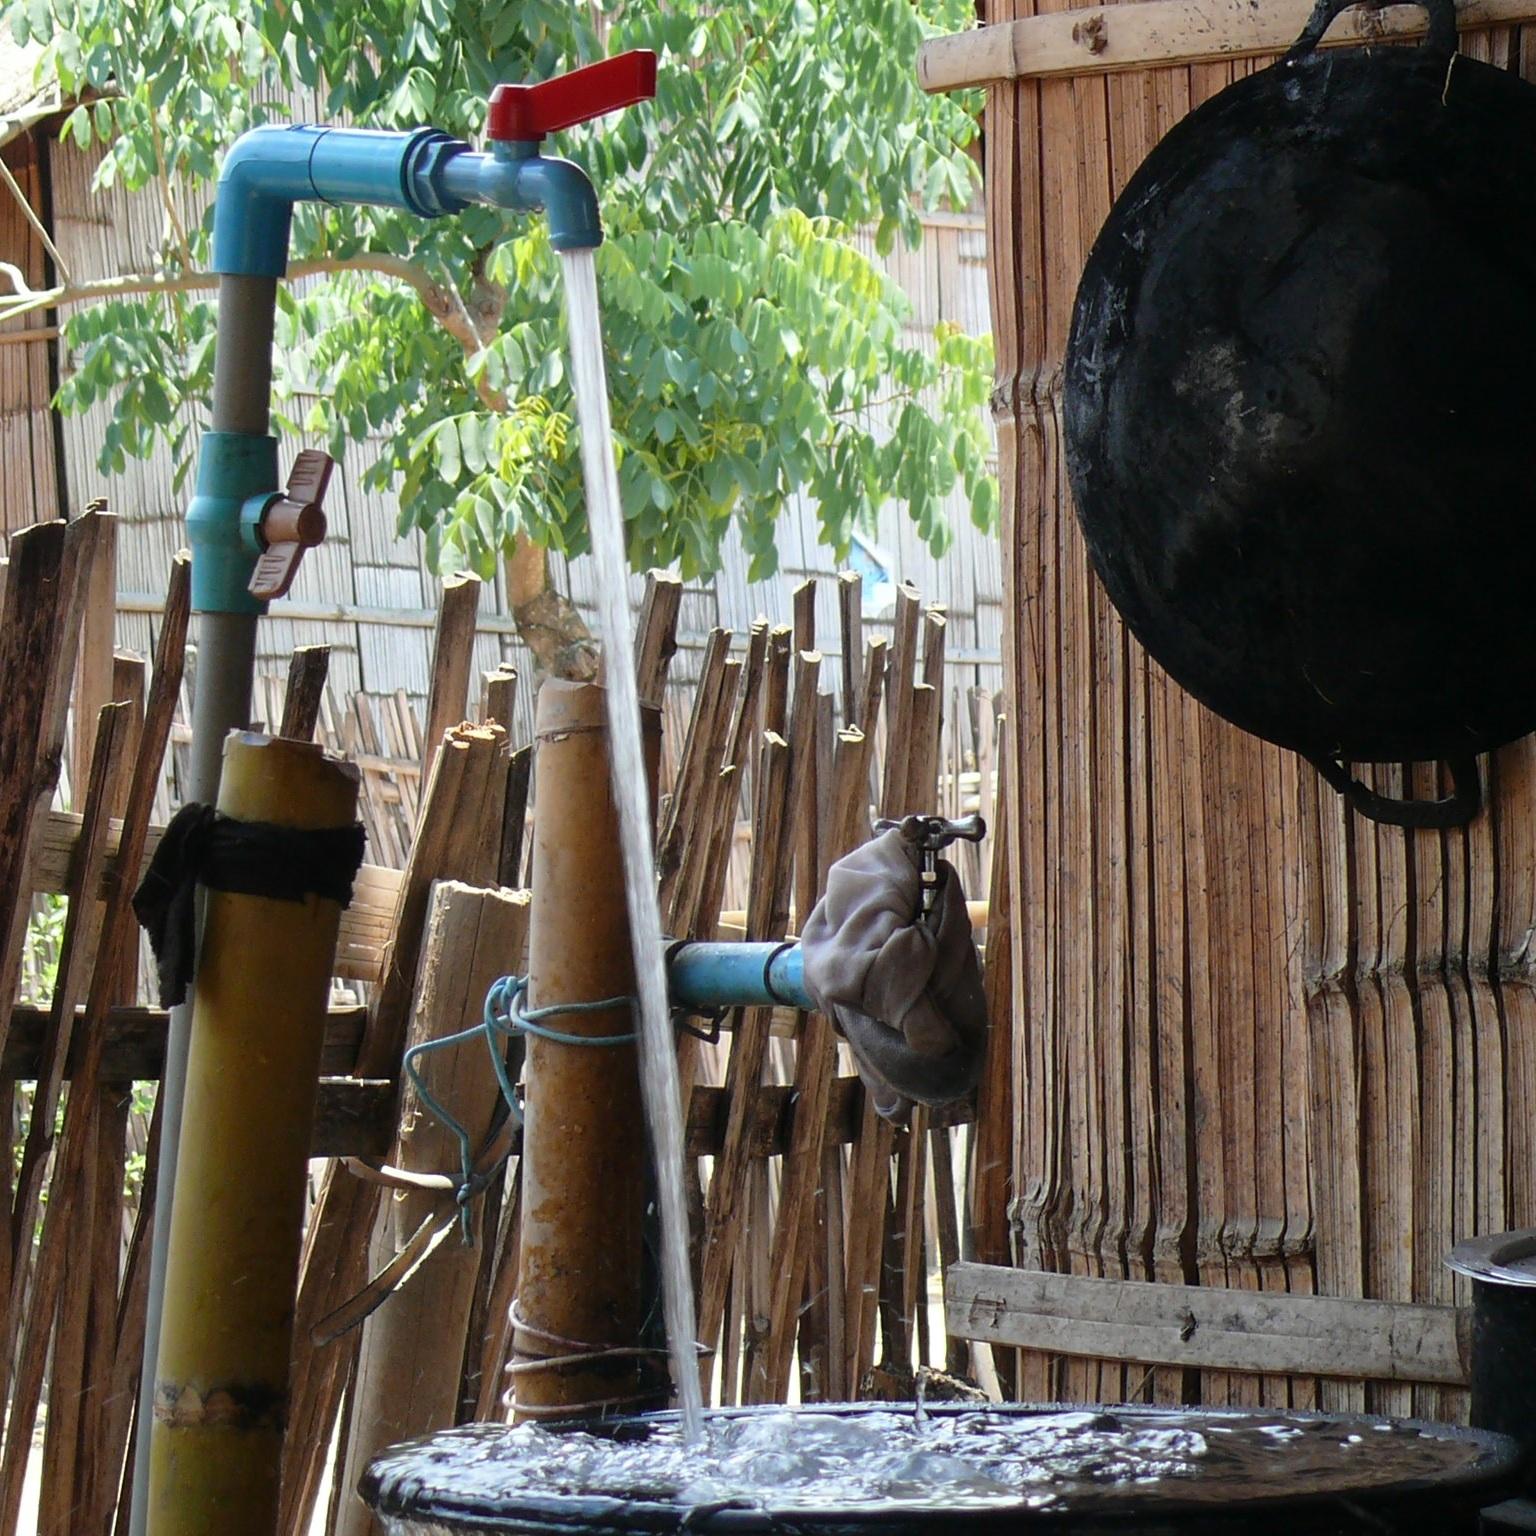 น้ำสะอาดจากก็อก ที่มีความดันน้ำในระดับที่ดีสำหรับทุกคนในหมู่บ้าน